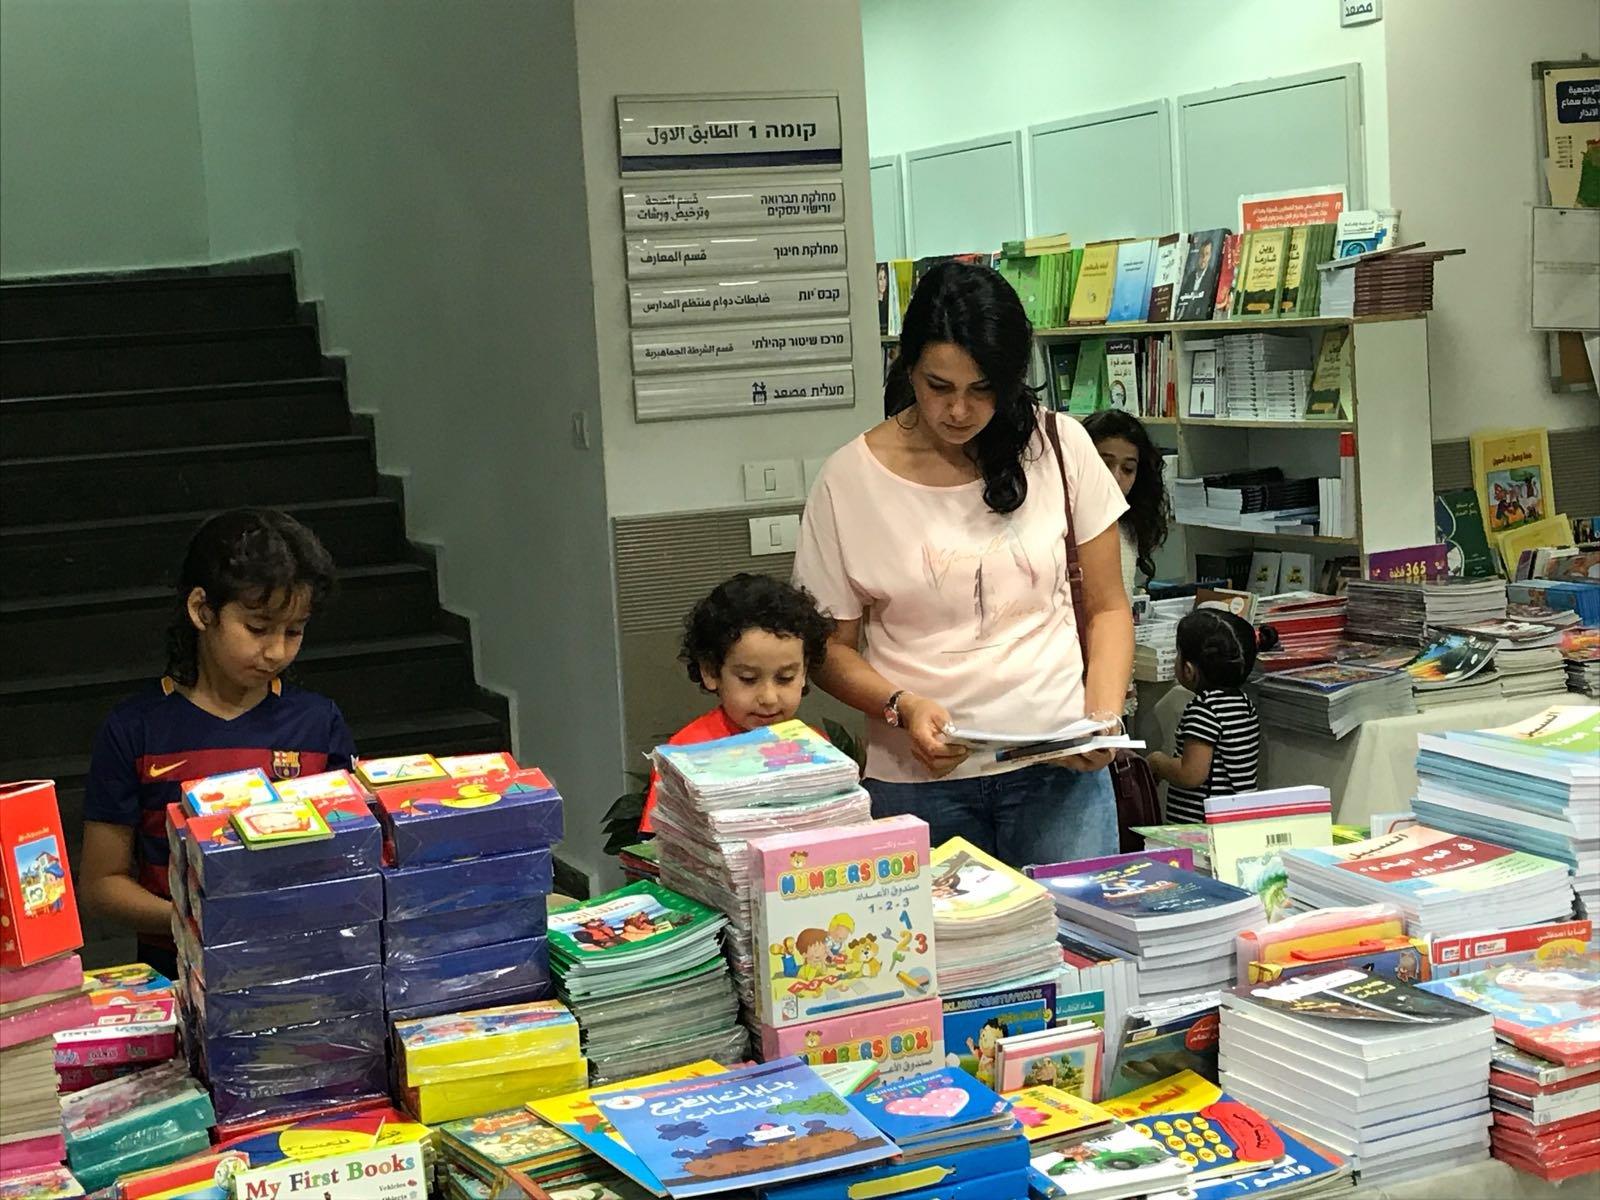 الطيبة نجاح ضخم لمعرض الكتاب في الطيبة، وحفل للاطفال بالمعرض